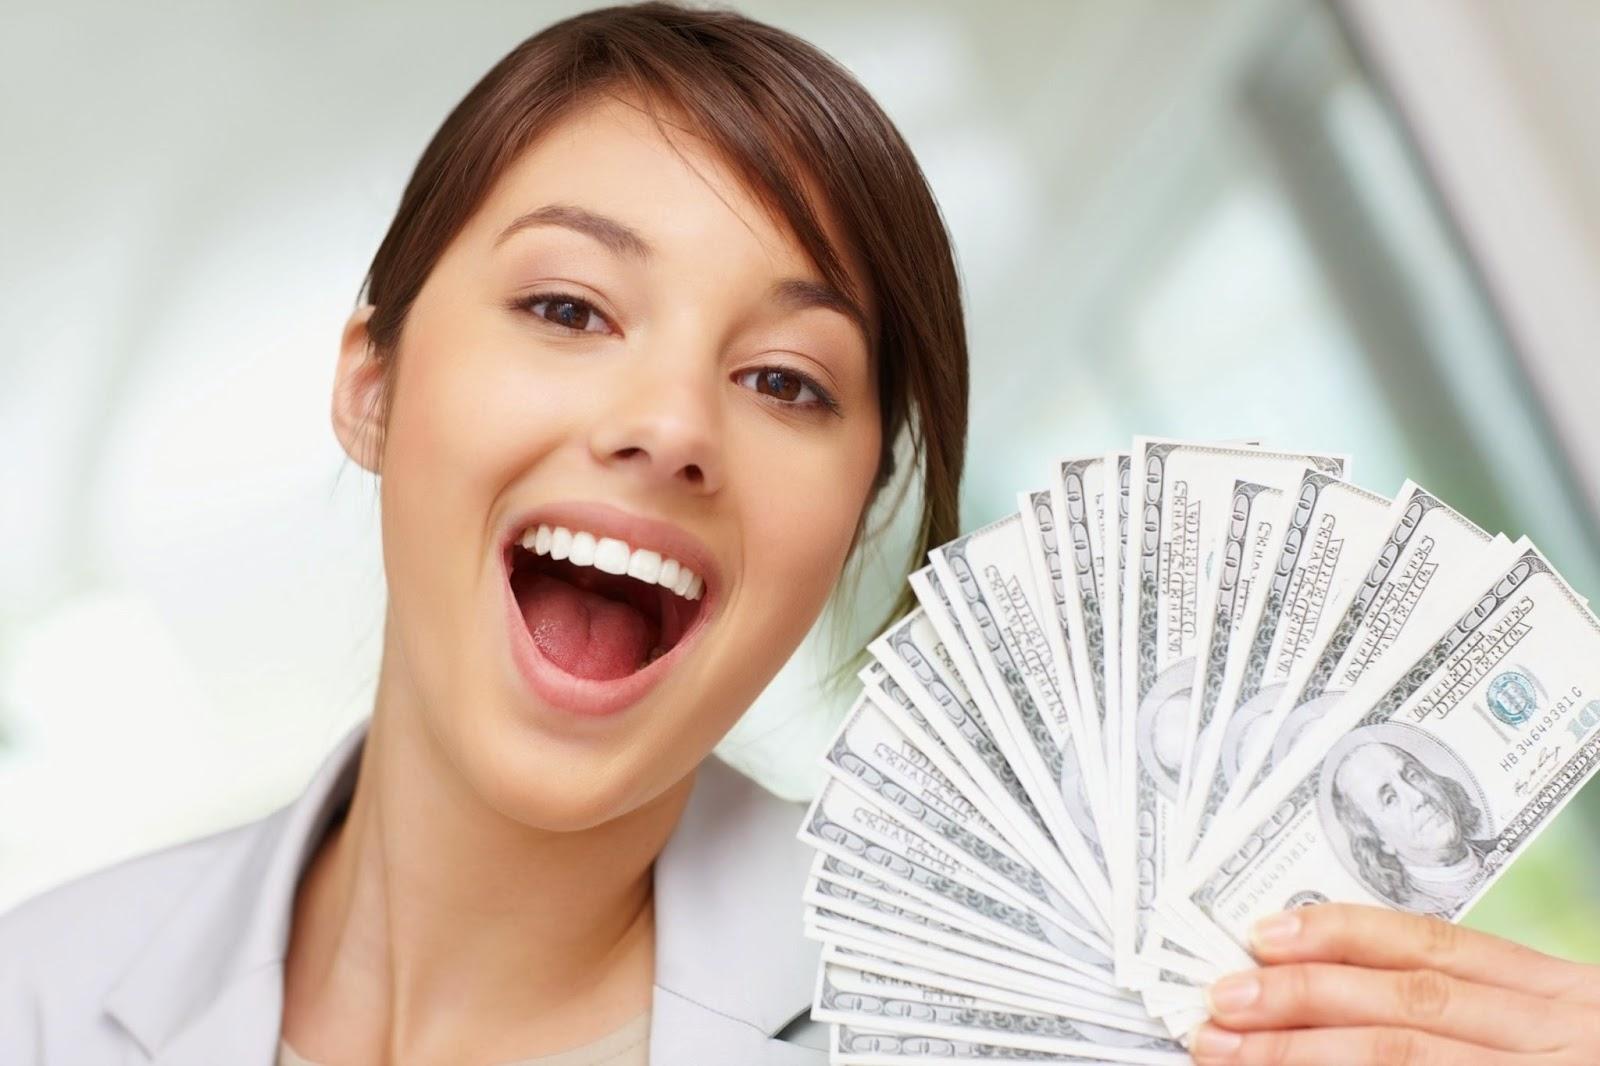 Связь секса с деньгами, Секс и деньги: что между ними общего? 1 фотография